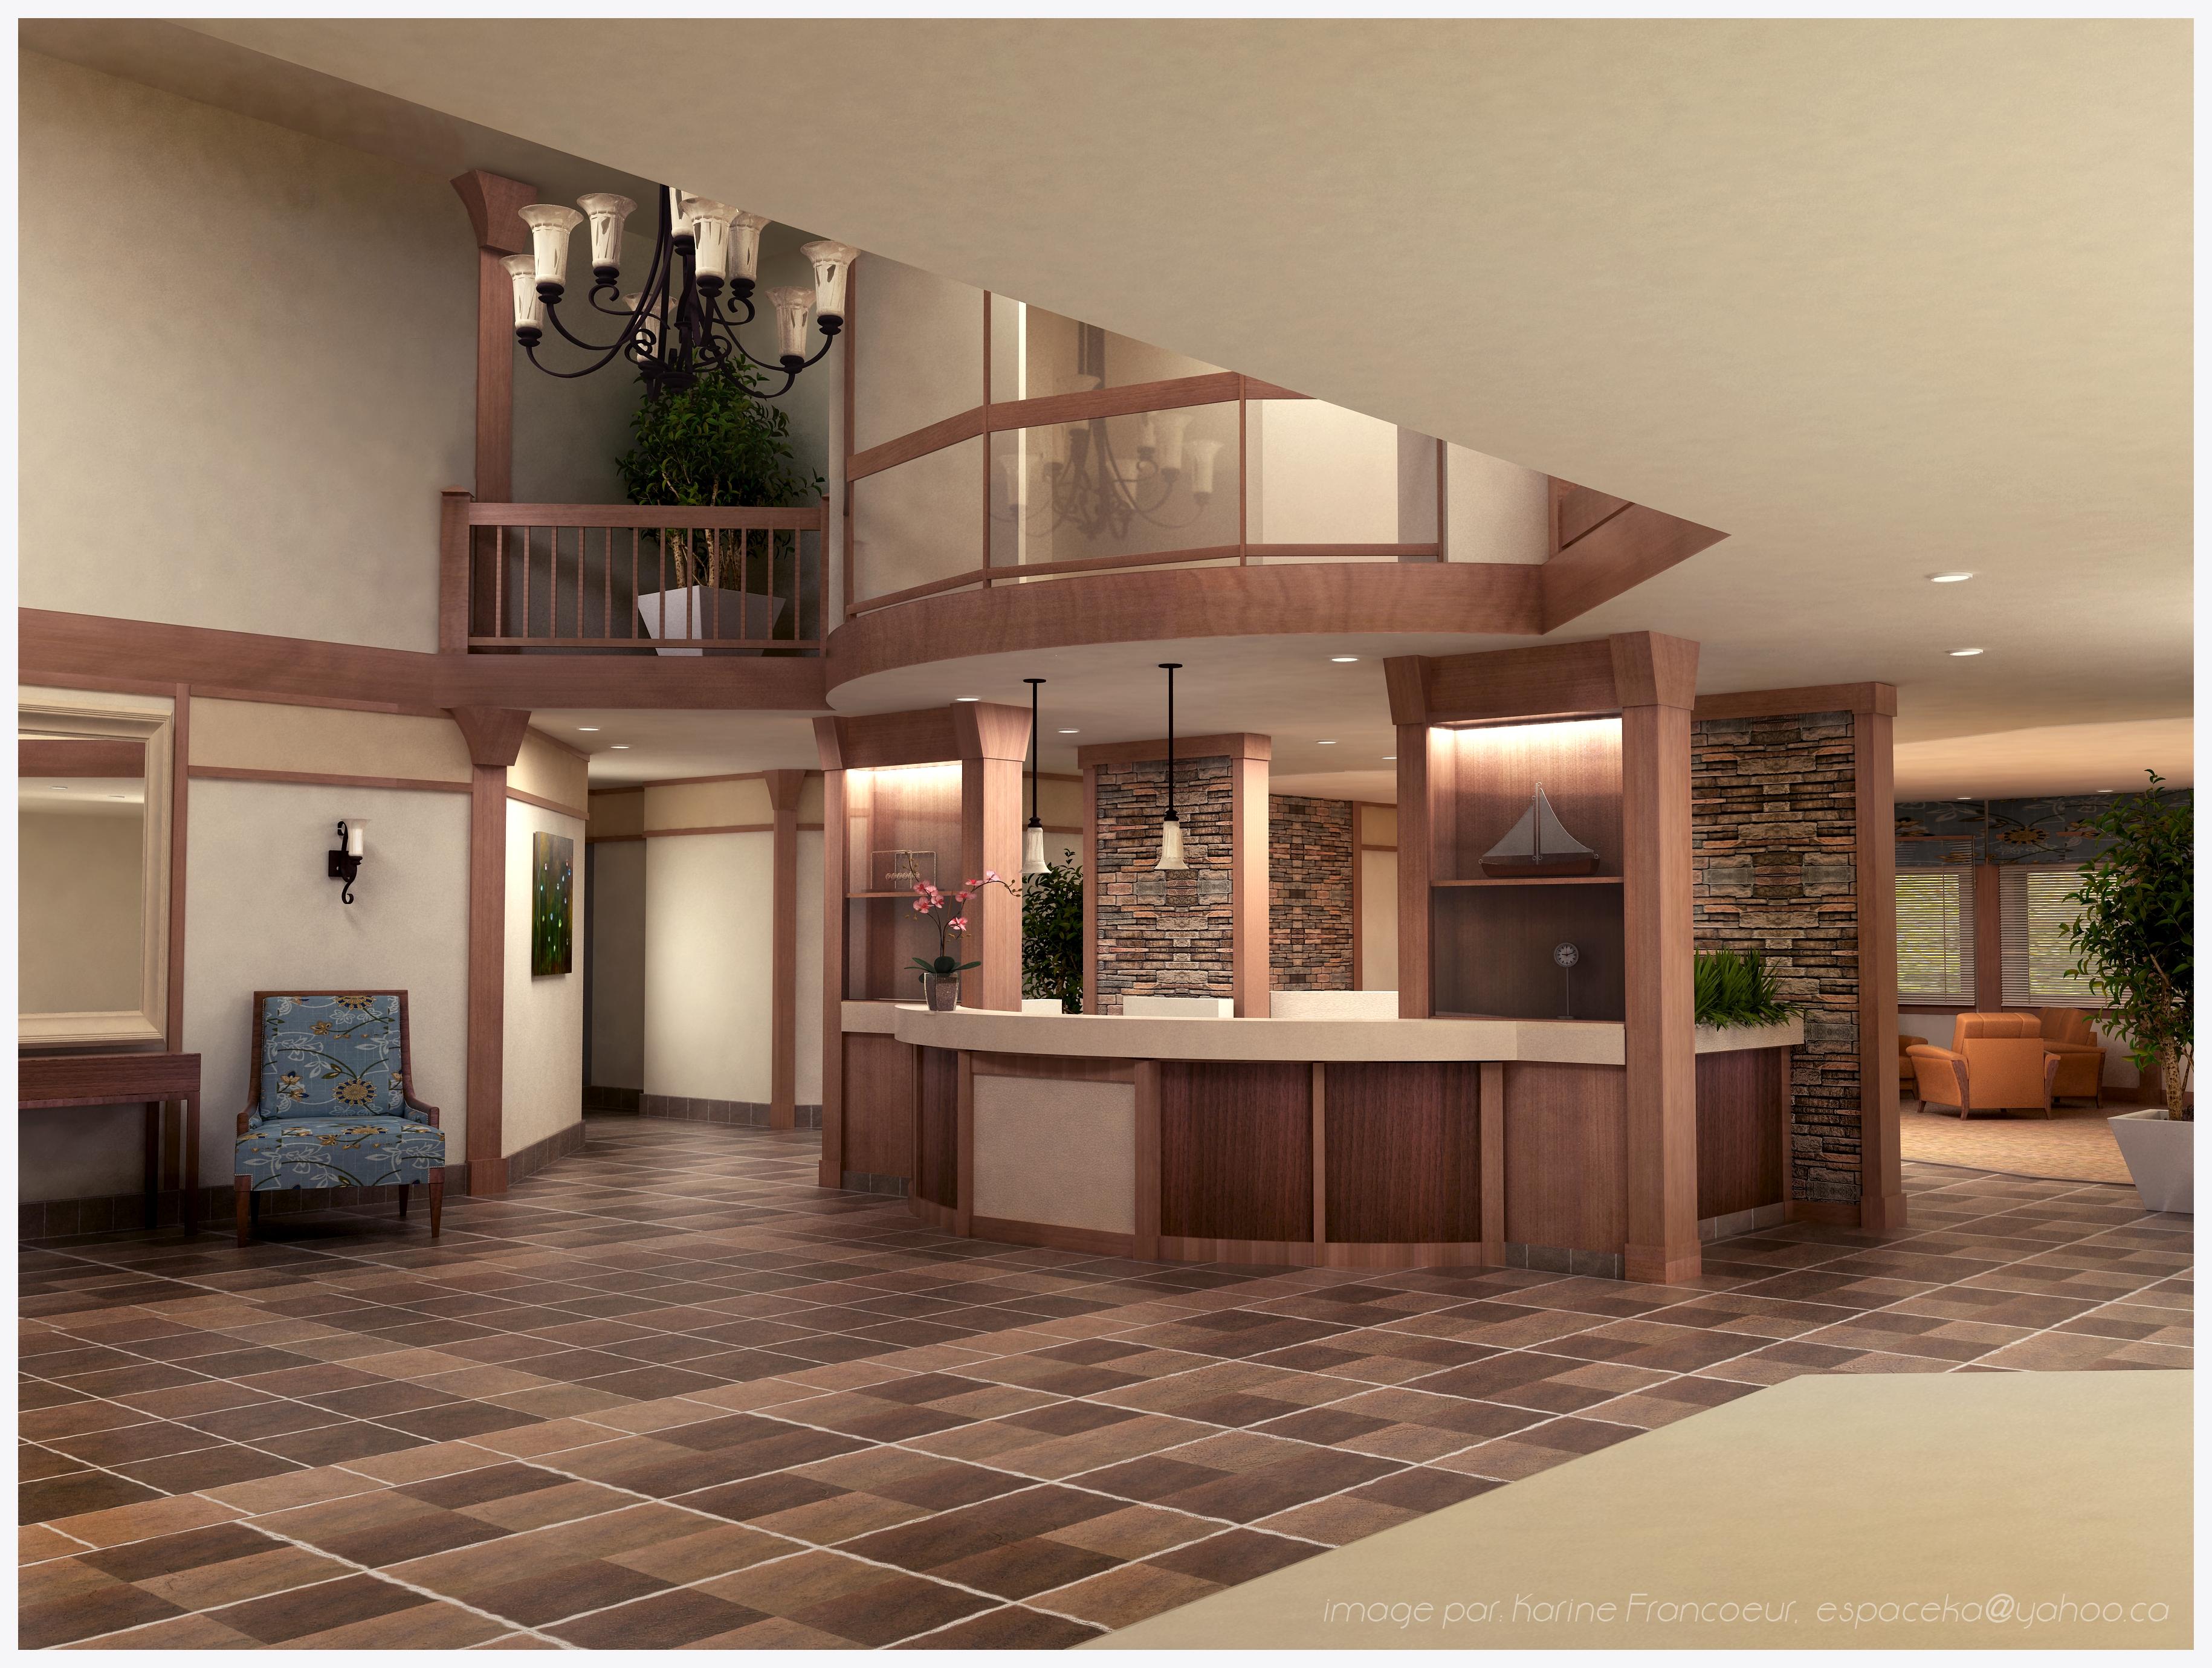 d veloppement bl les jardins d vang line exa design. Black Bedroom Furniture Sets. Home Design Ideas